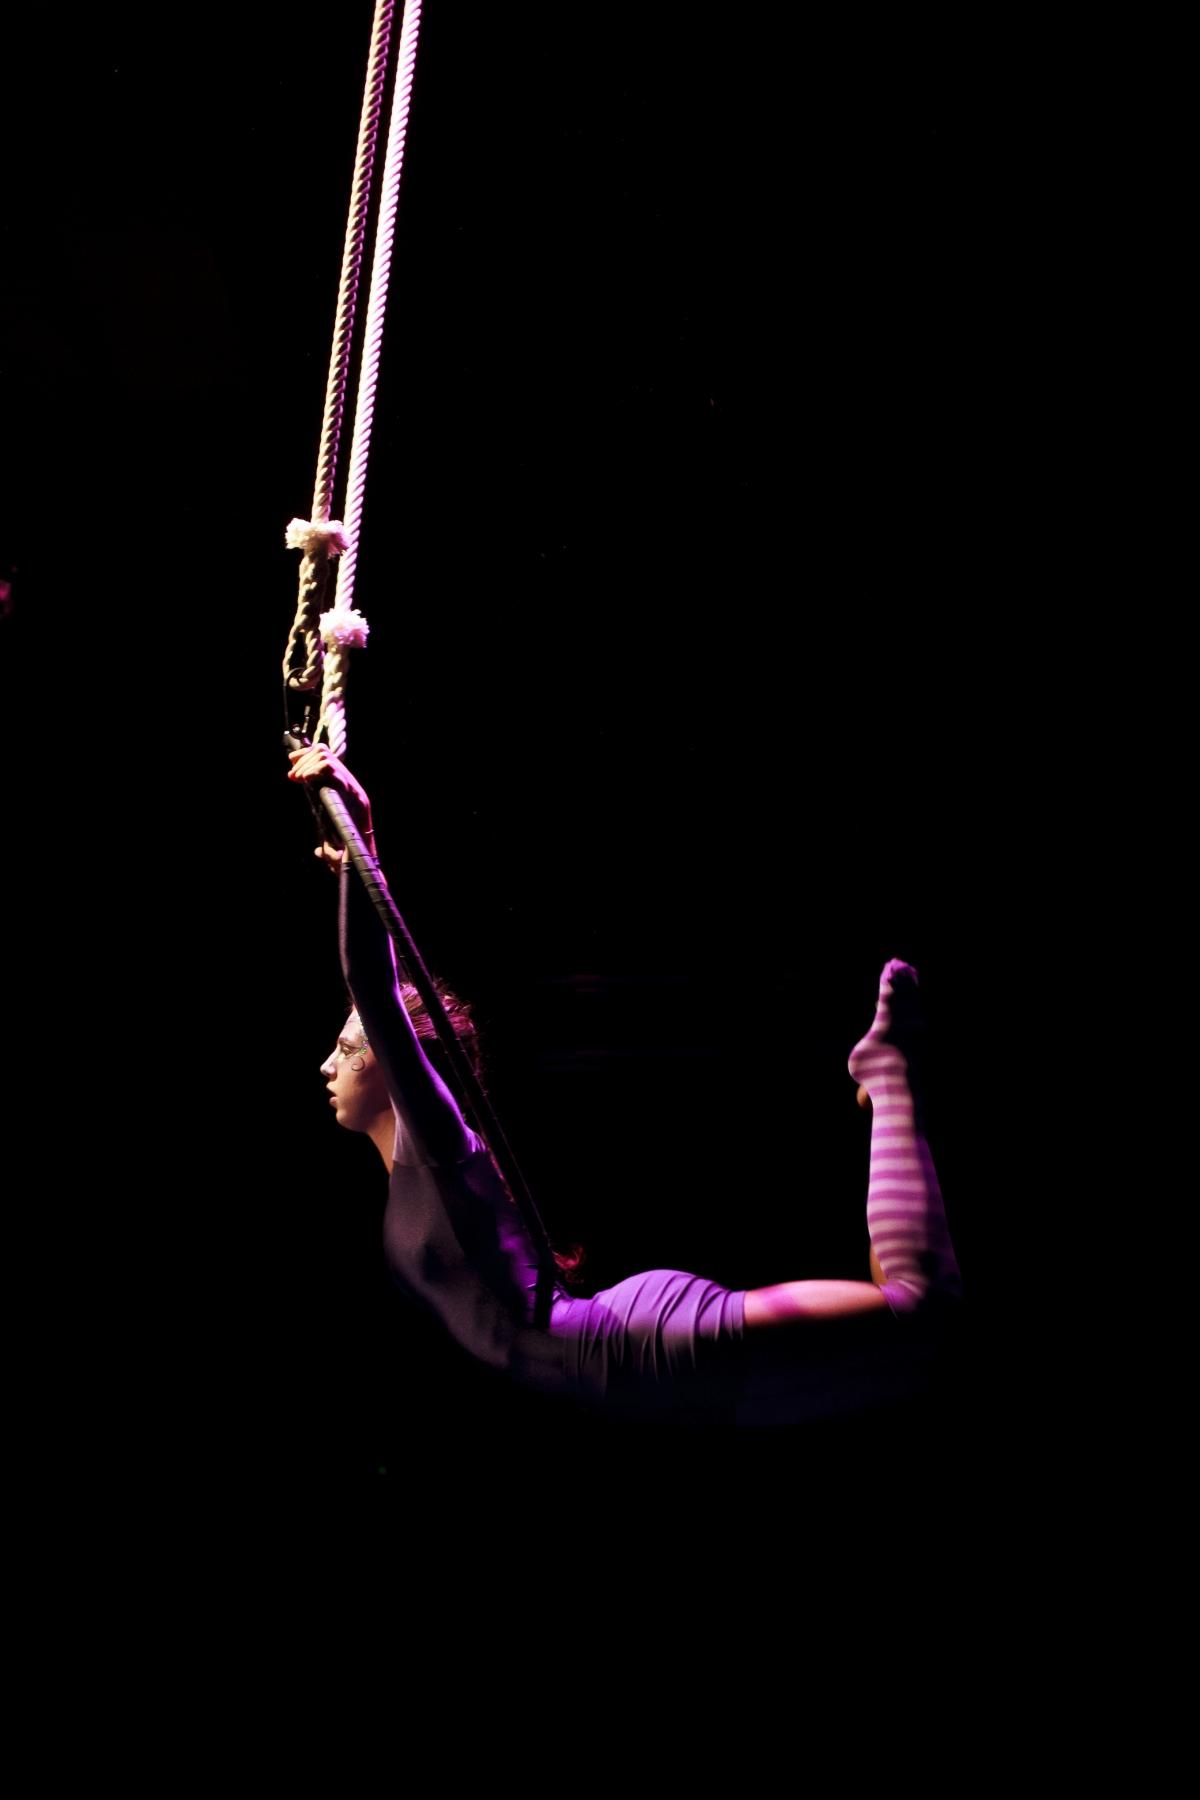 Els beneficis i avantatges de practicar circ a qualsevoledat